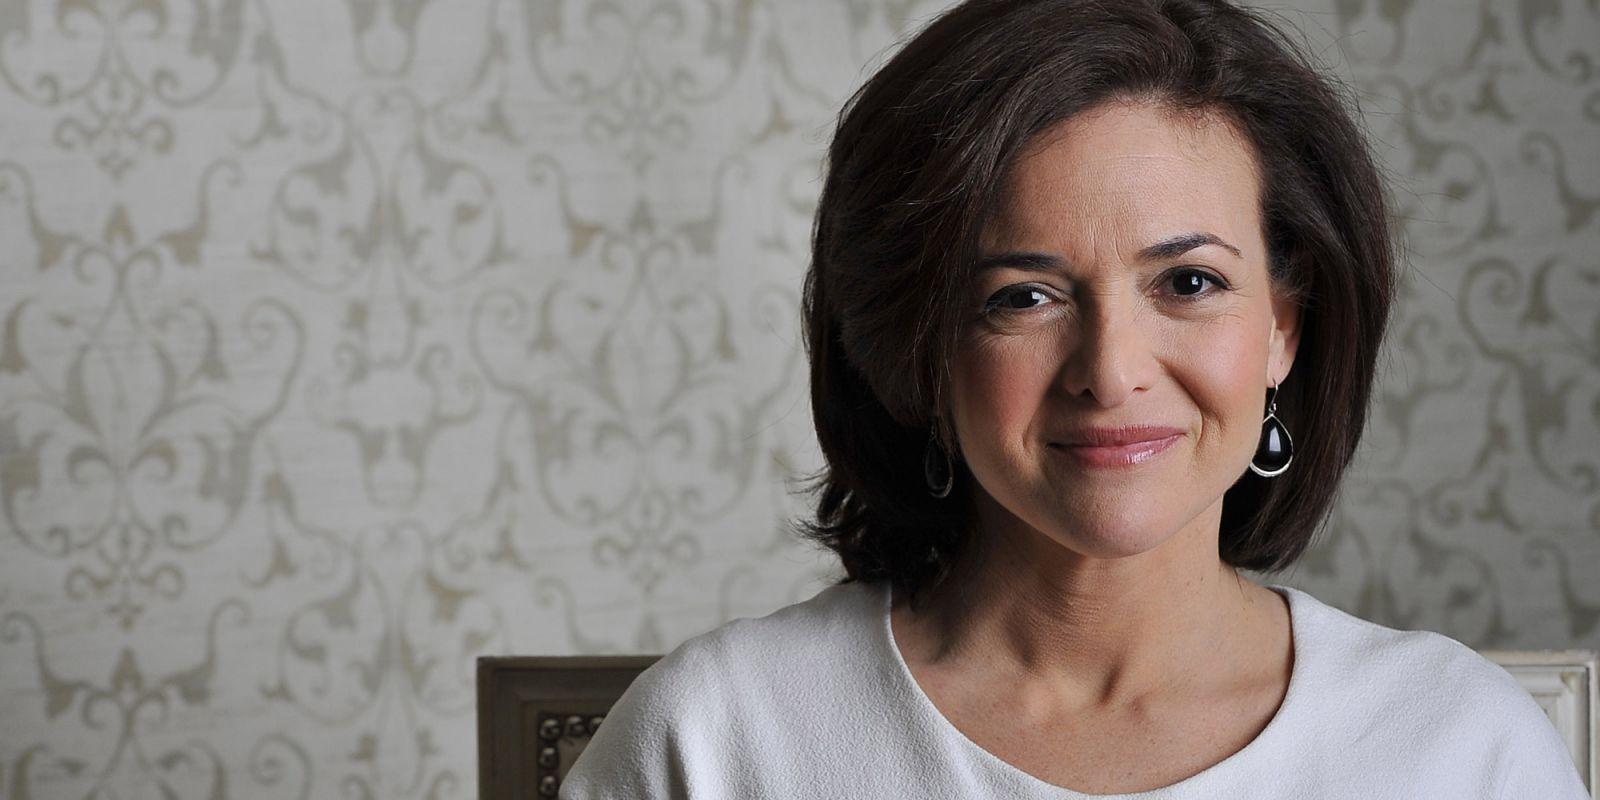 Кто стал самой влиятельной женщиной мира по версии Forbes - фото №8